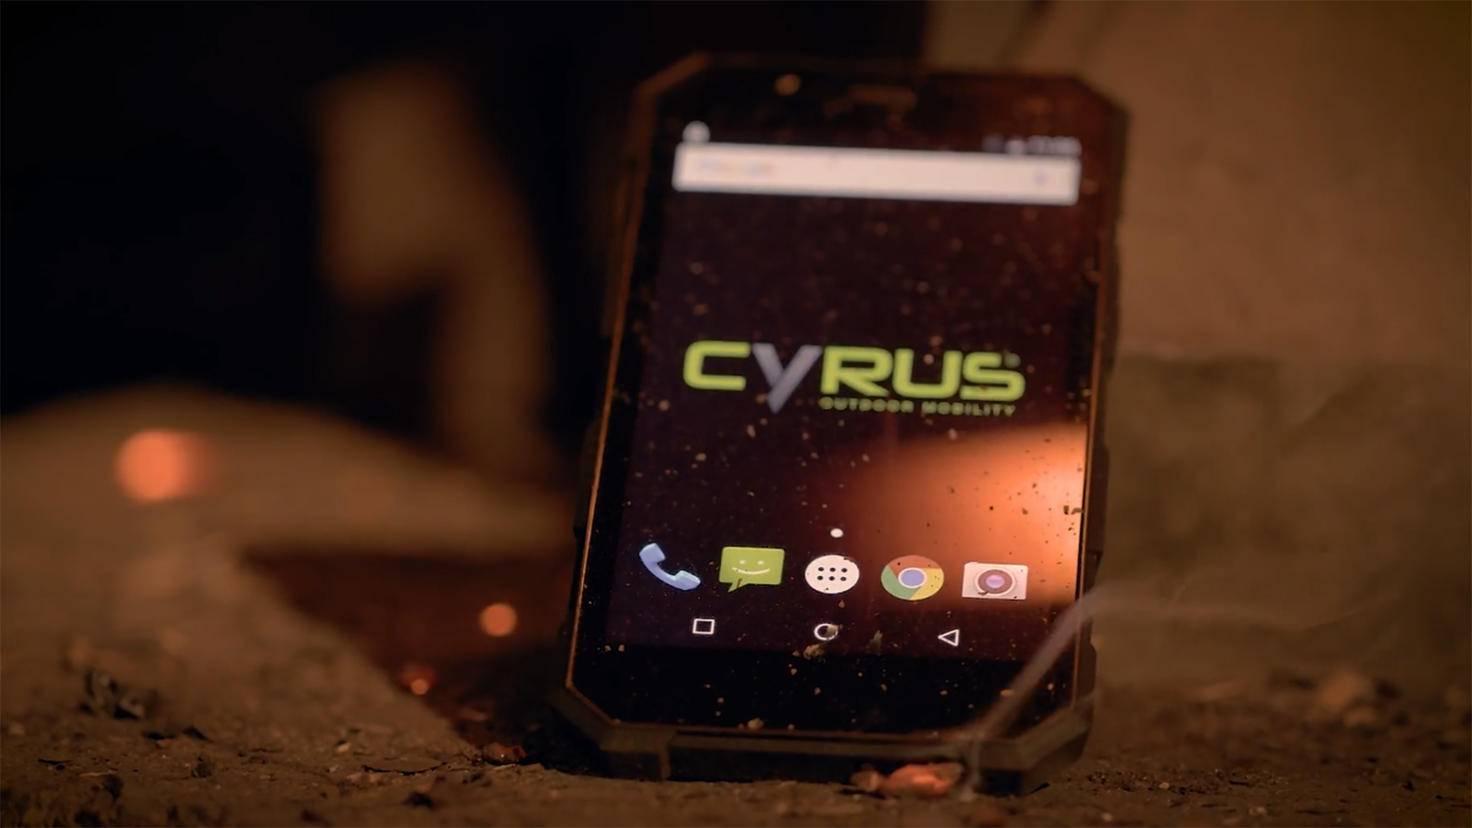 outdoor-smartphone-cyrus-cs24